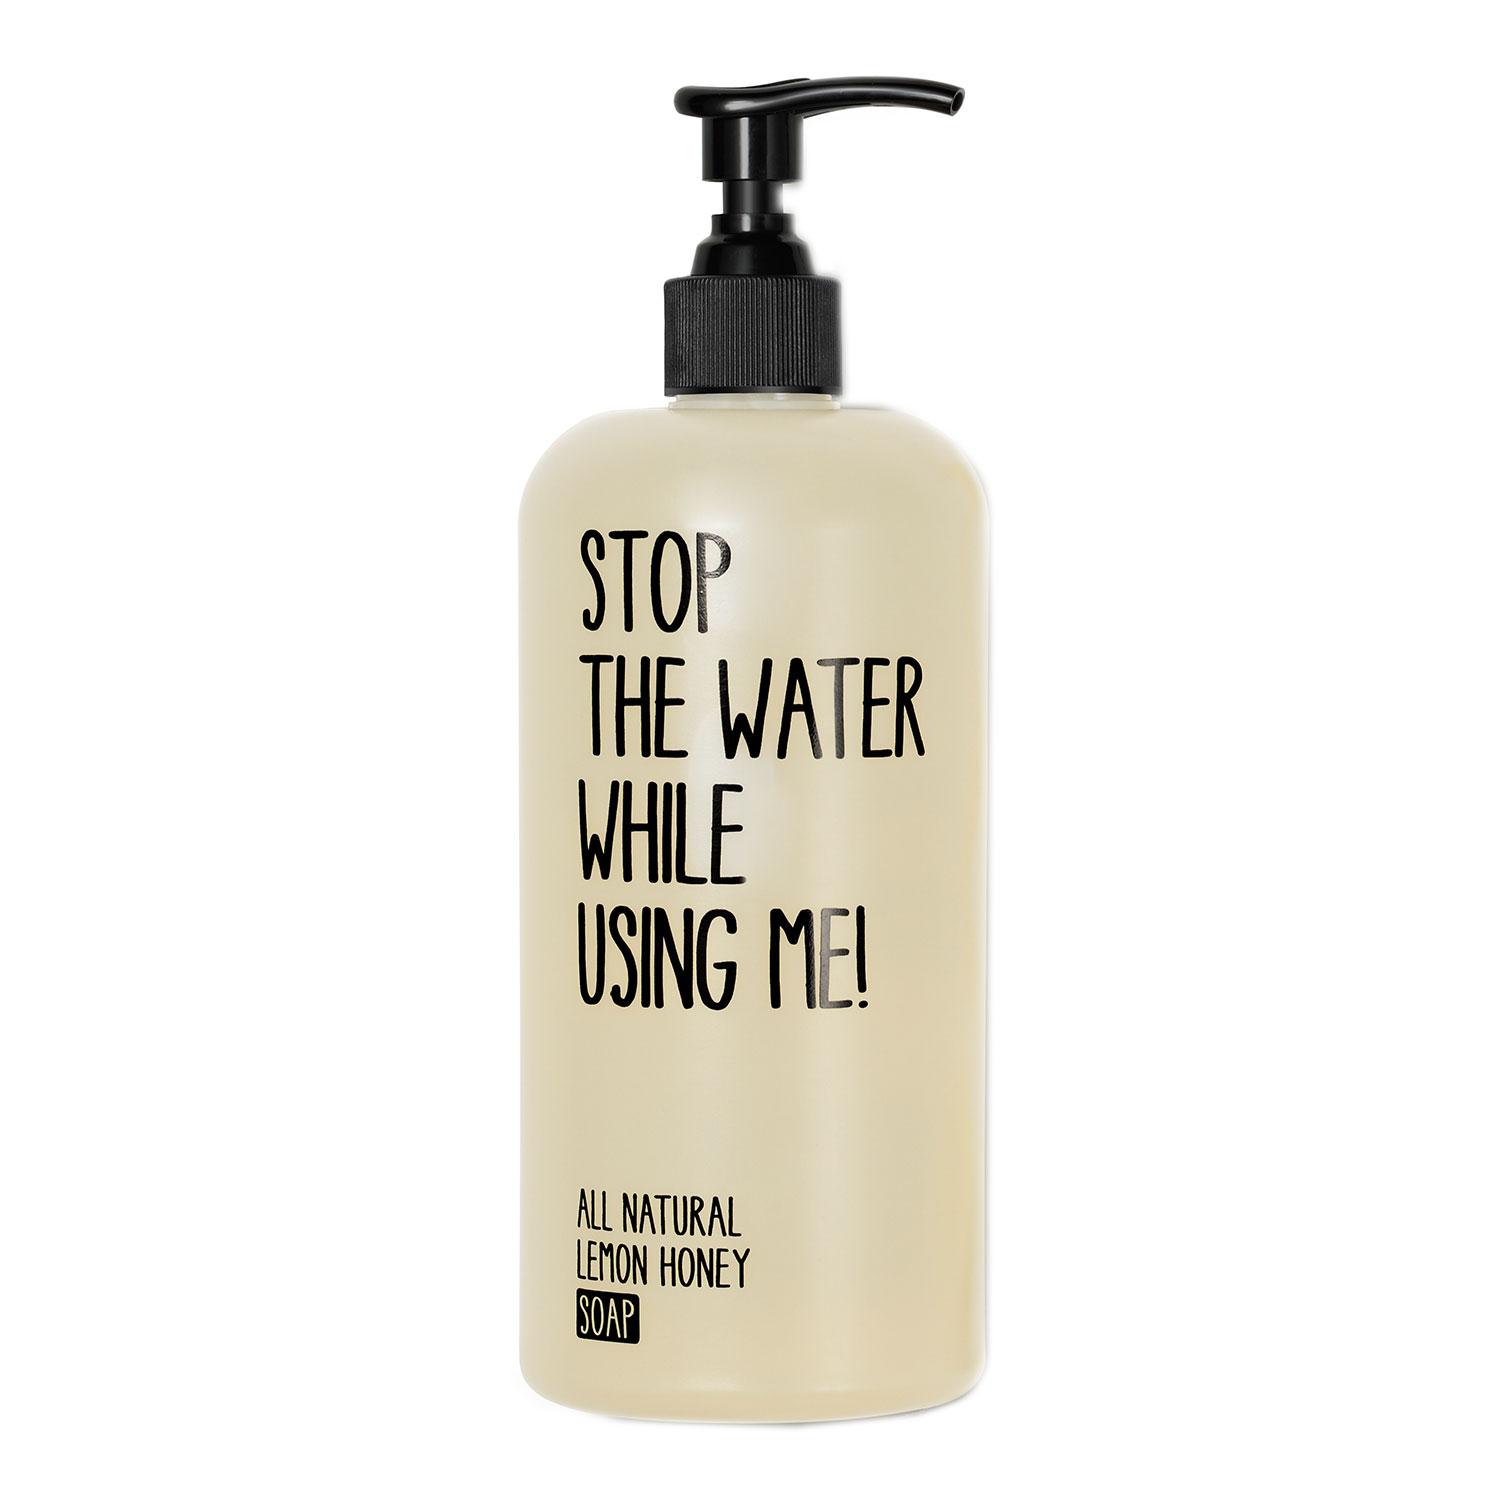 All Natural Body - Lemon Honey Soap - 200ml